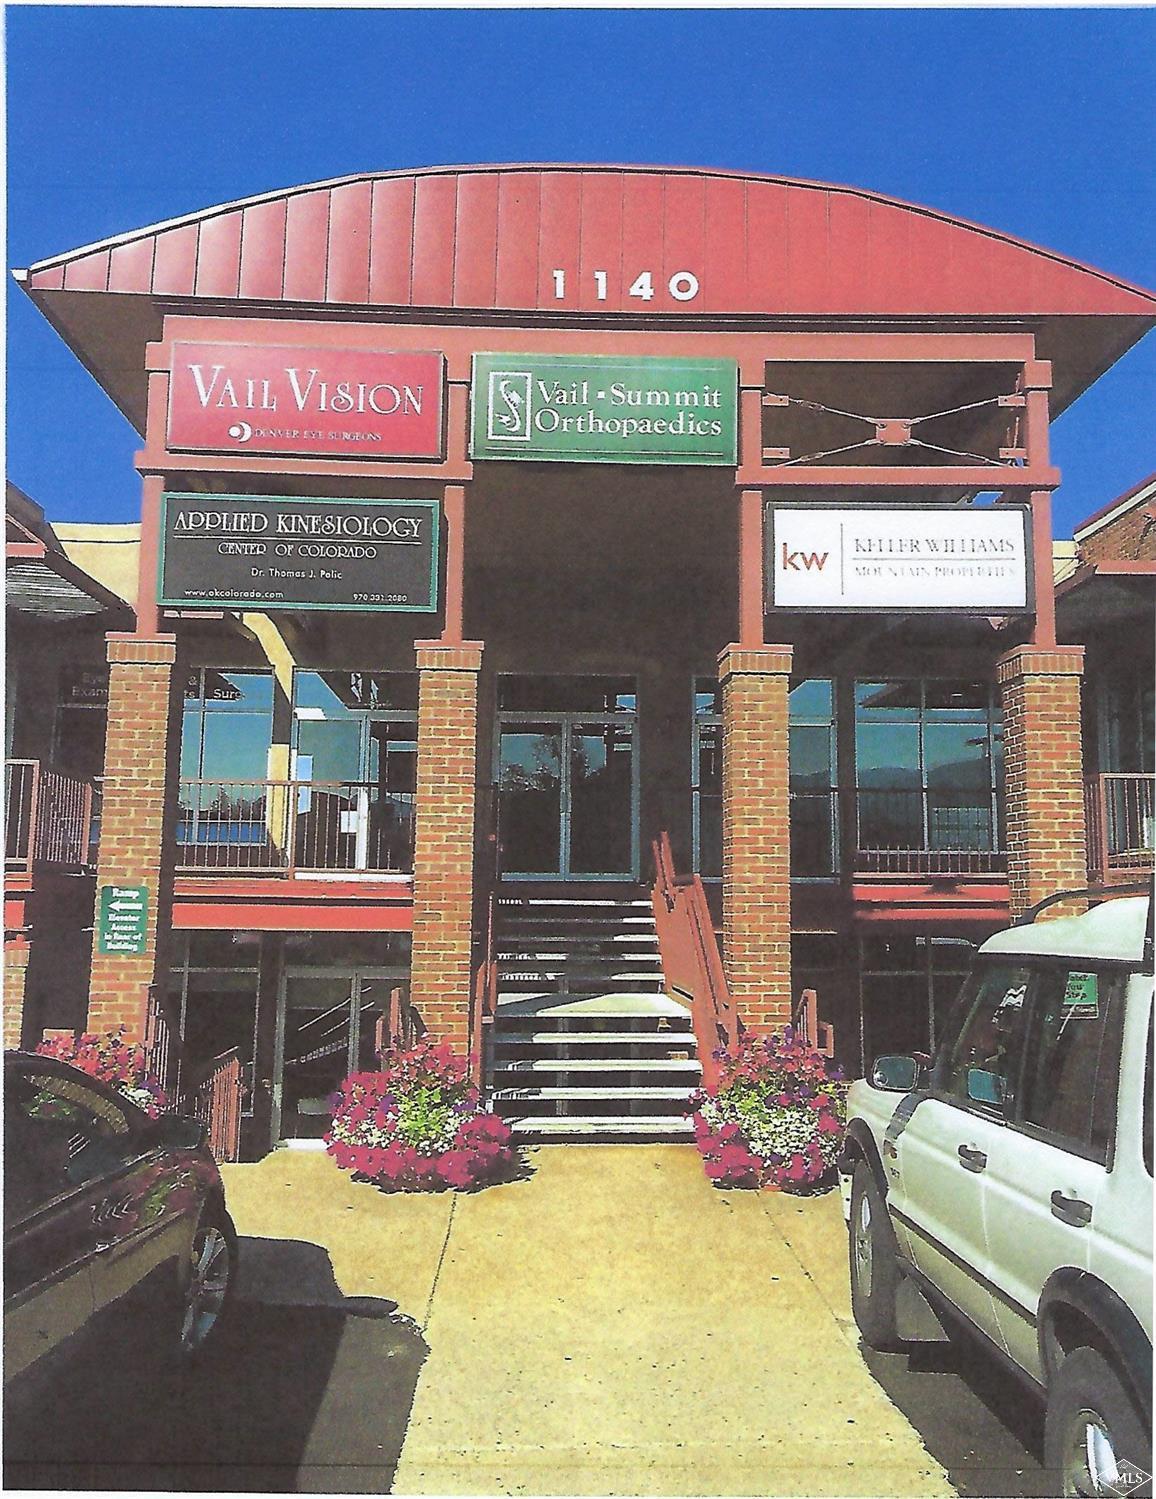 1140 Edwards Village Boulevard, B102 ,B103, B104, Edwards, CO 81 Property Photo - Edwards, CO real estate listing